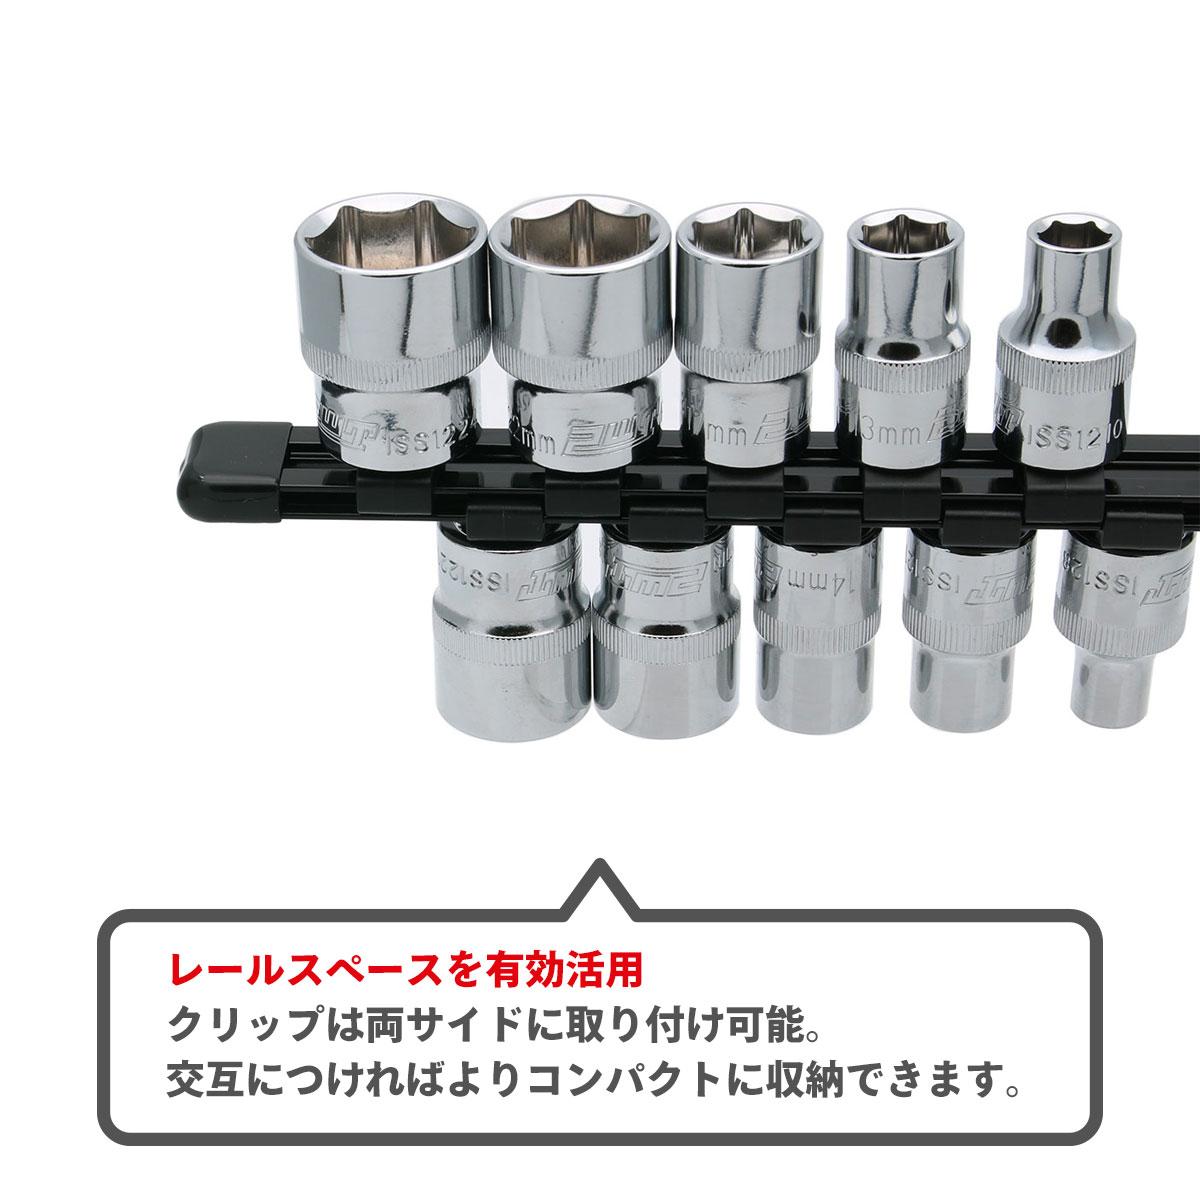 """PWT 1/2""""(12.7sq)DR. &3/8""""(9.5sq)DR. アルミ製 ソケットホルダー 432mm"""